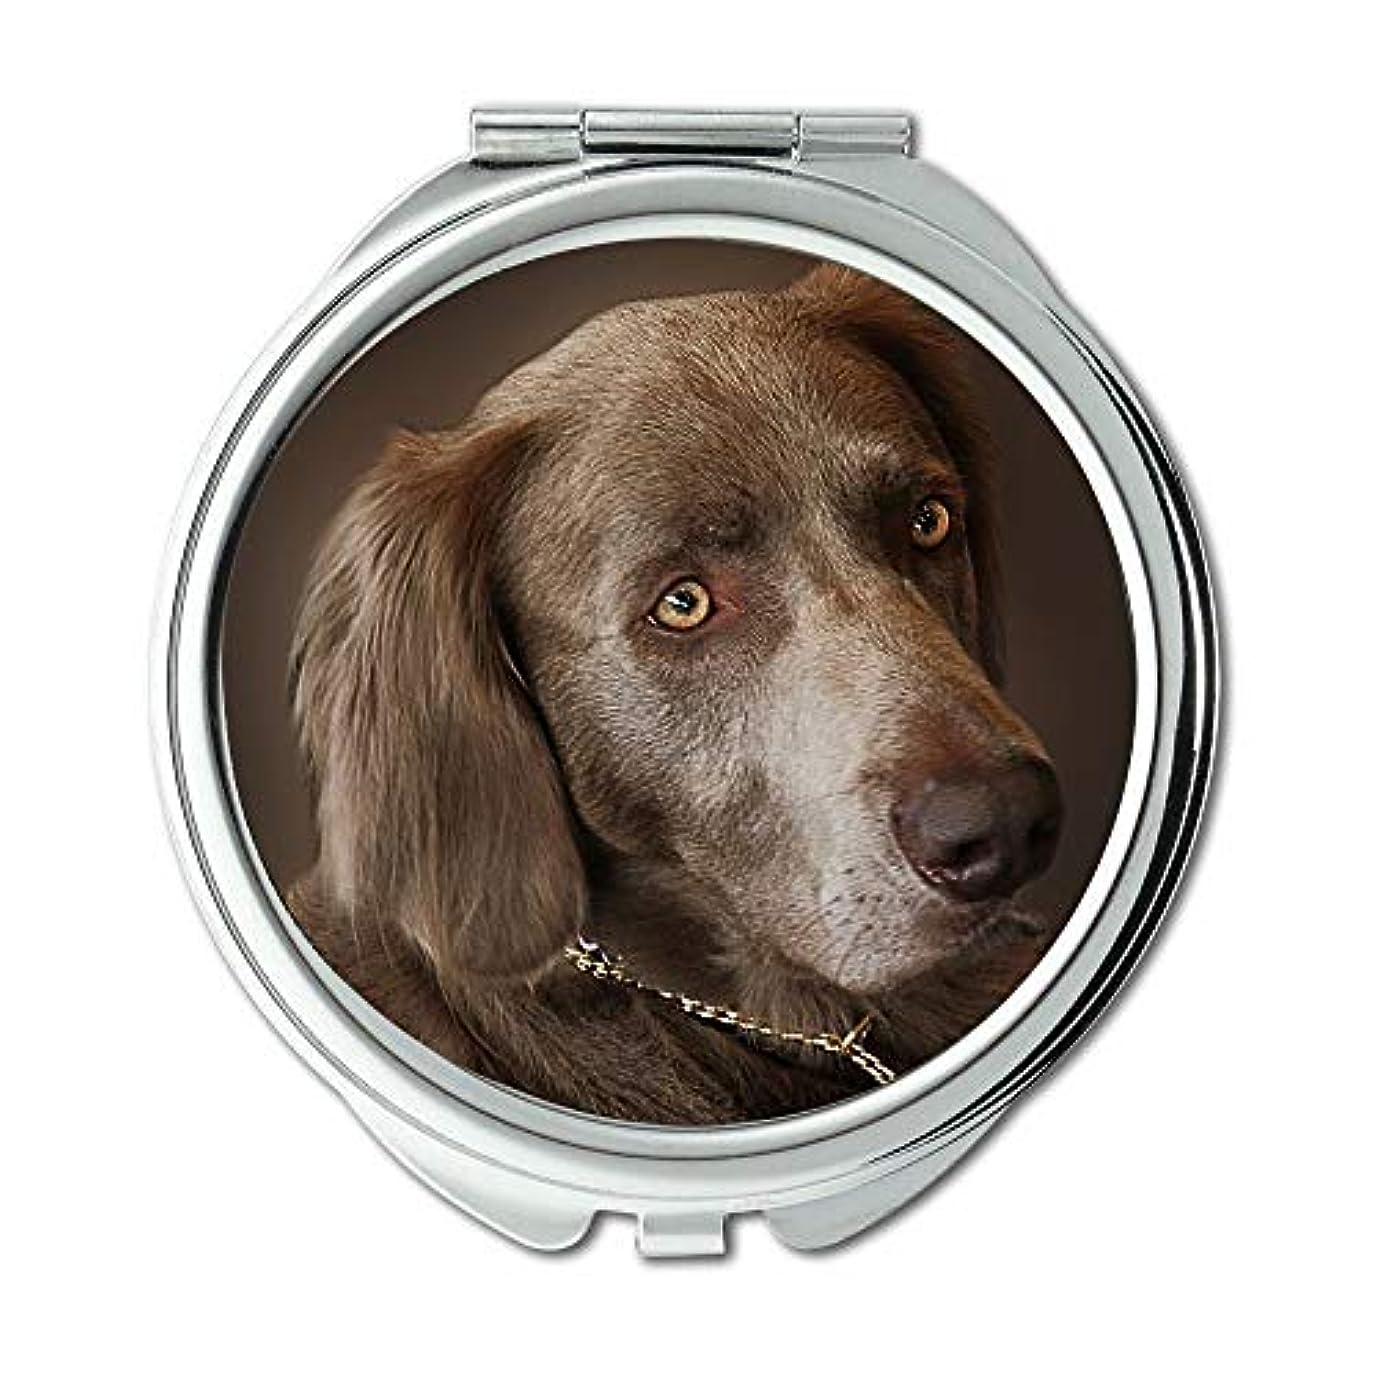 ミラー、コンパクトミラー、ワイマラナー犬狩猟犬動物肖像画ペット、ポケットミラー、携帯用ミラー